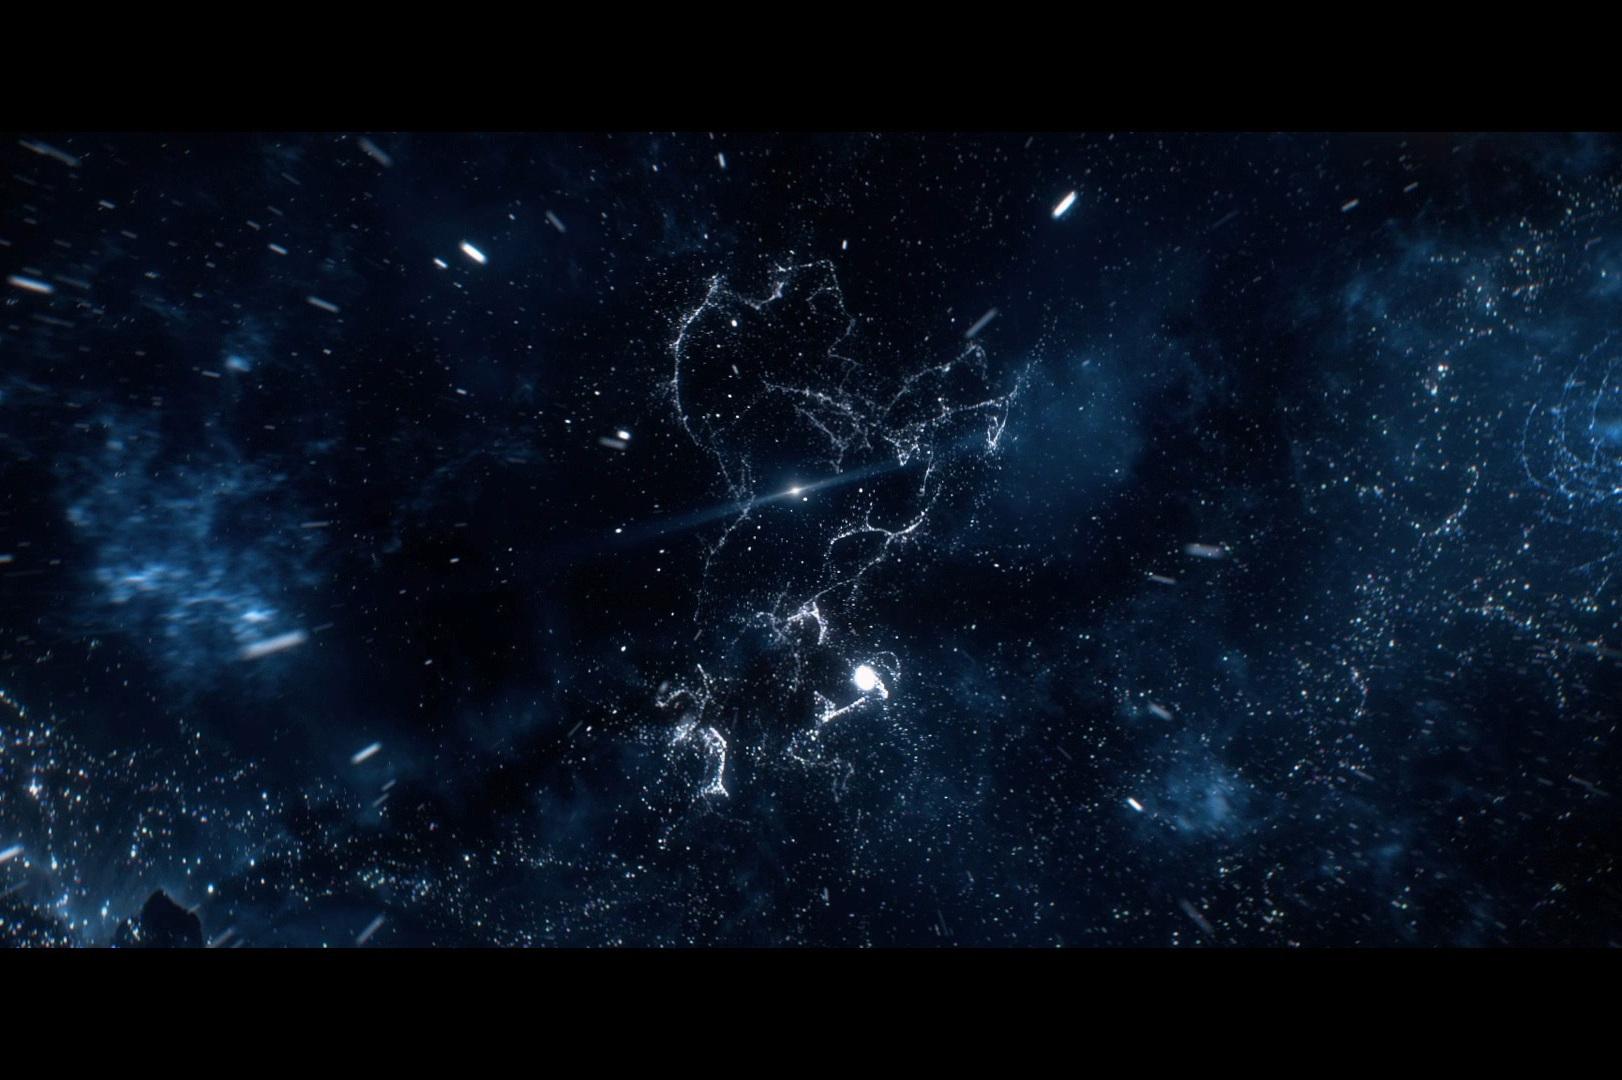 十二星座里最怼人的星座三个天蝎座只排第二属鼠的双鱼座A型血性格图片